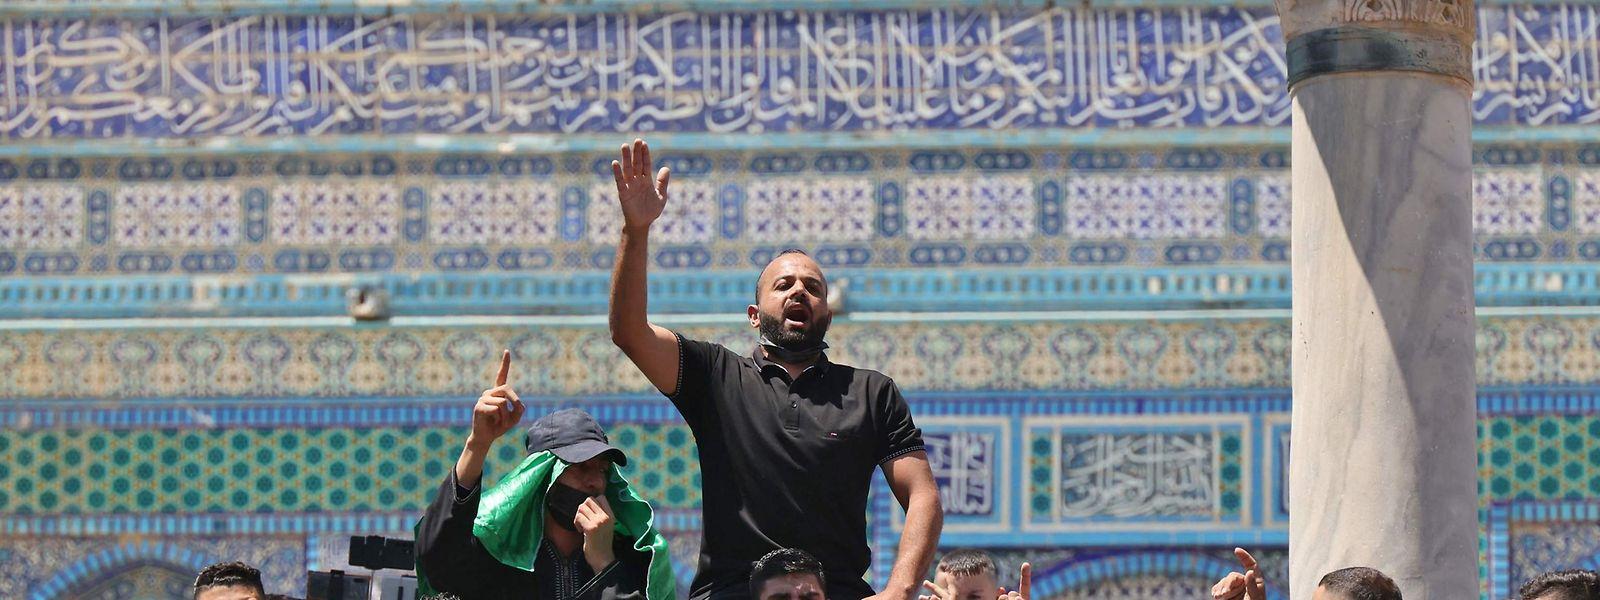 Beim Freitagsgebet auf dem Jerusalemer Tempelberg rufen Palästinenser Unterstützungsbotschaften für die radikalislamische Hamas.